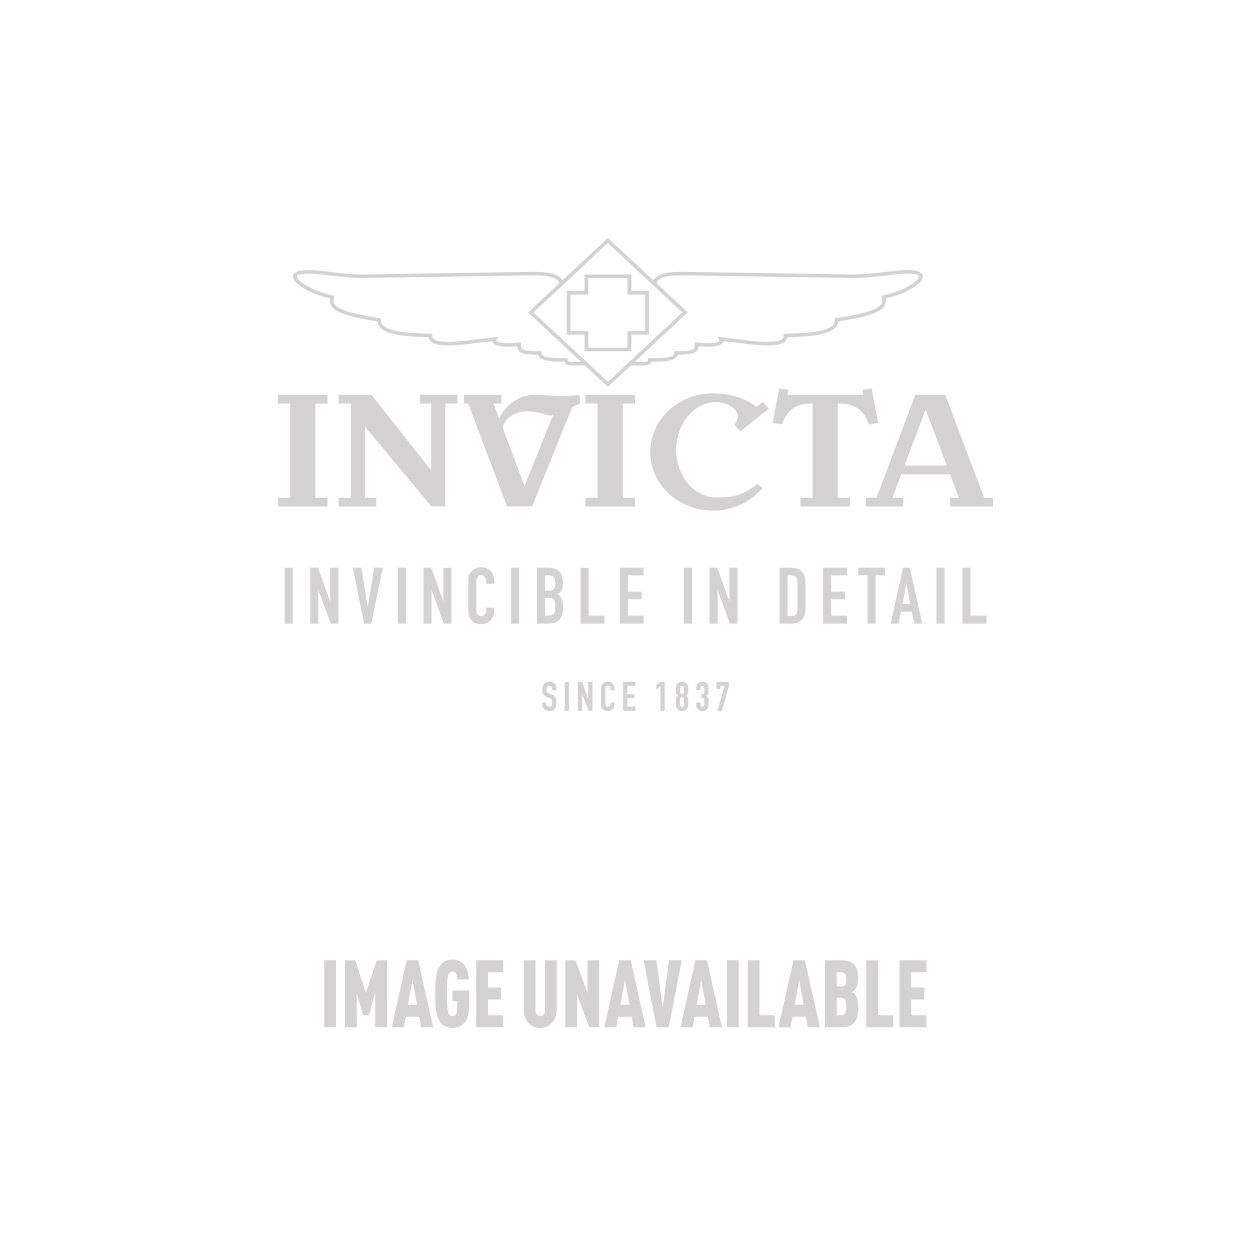 Invicta Model 27777